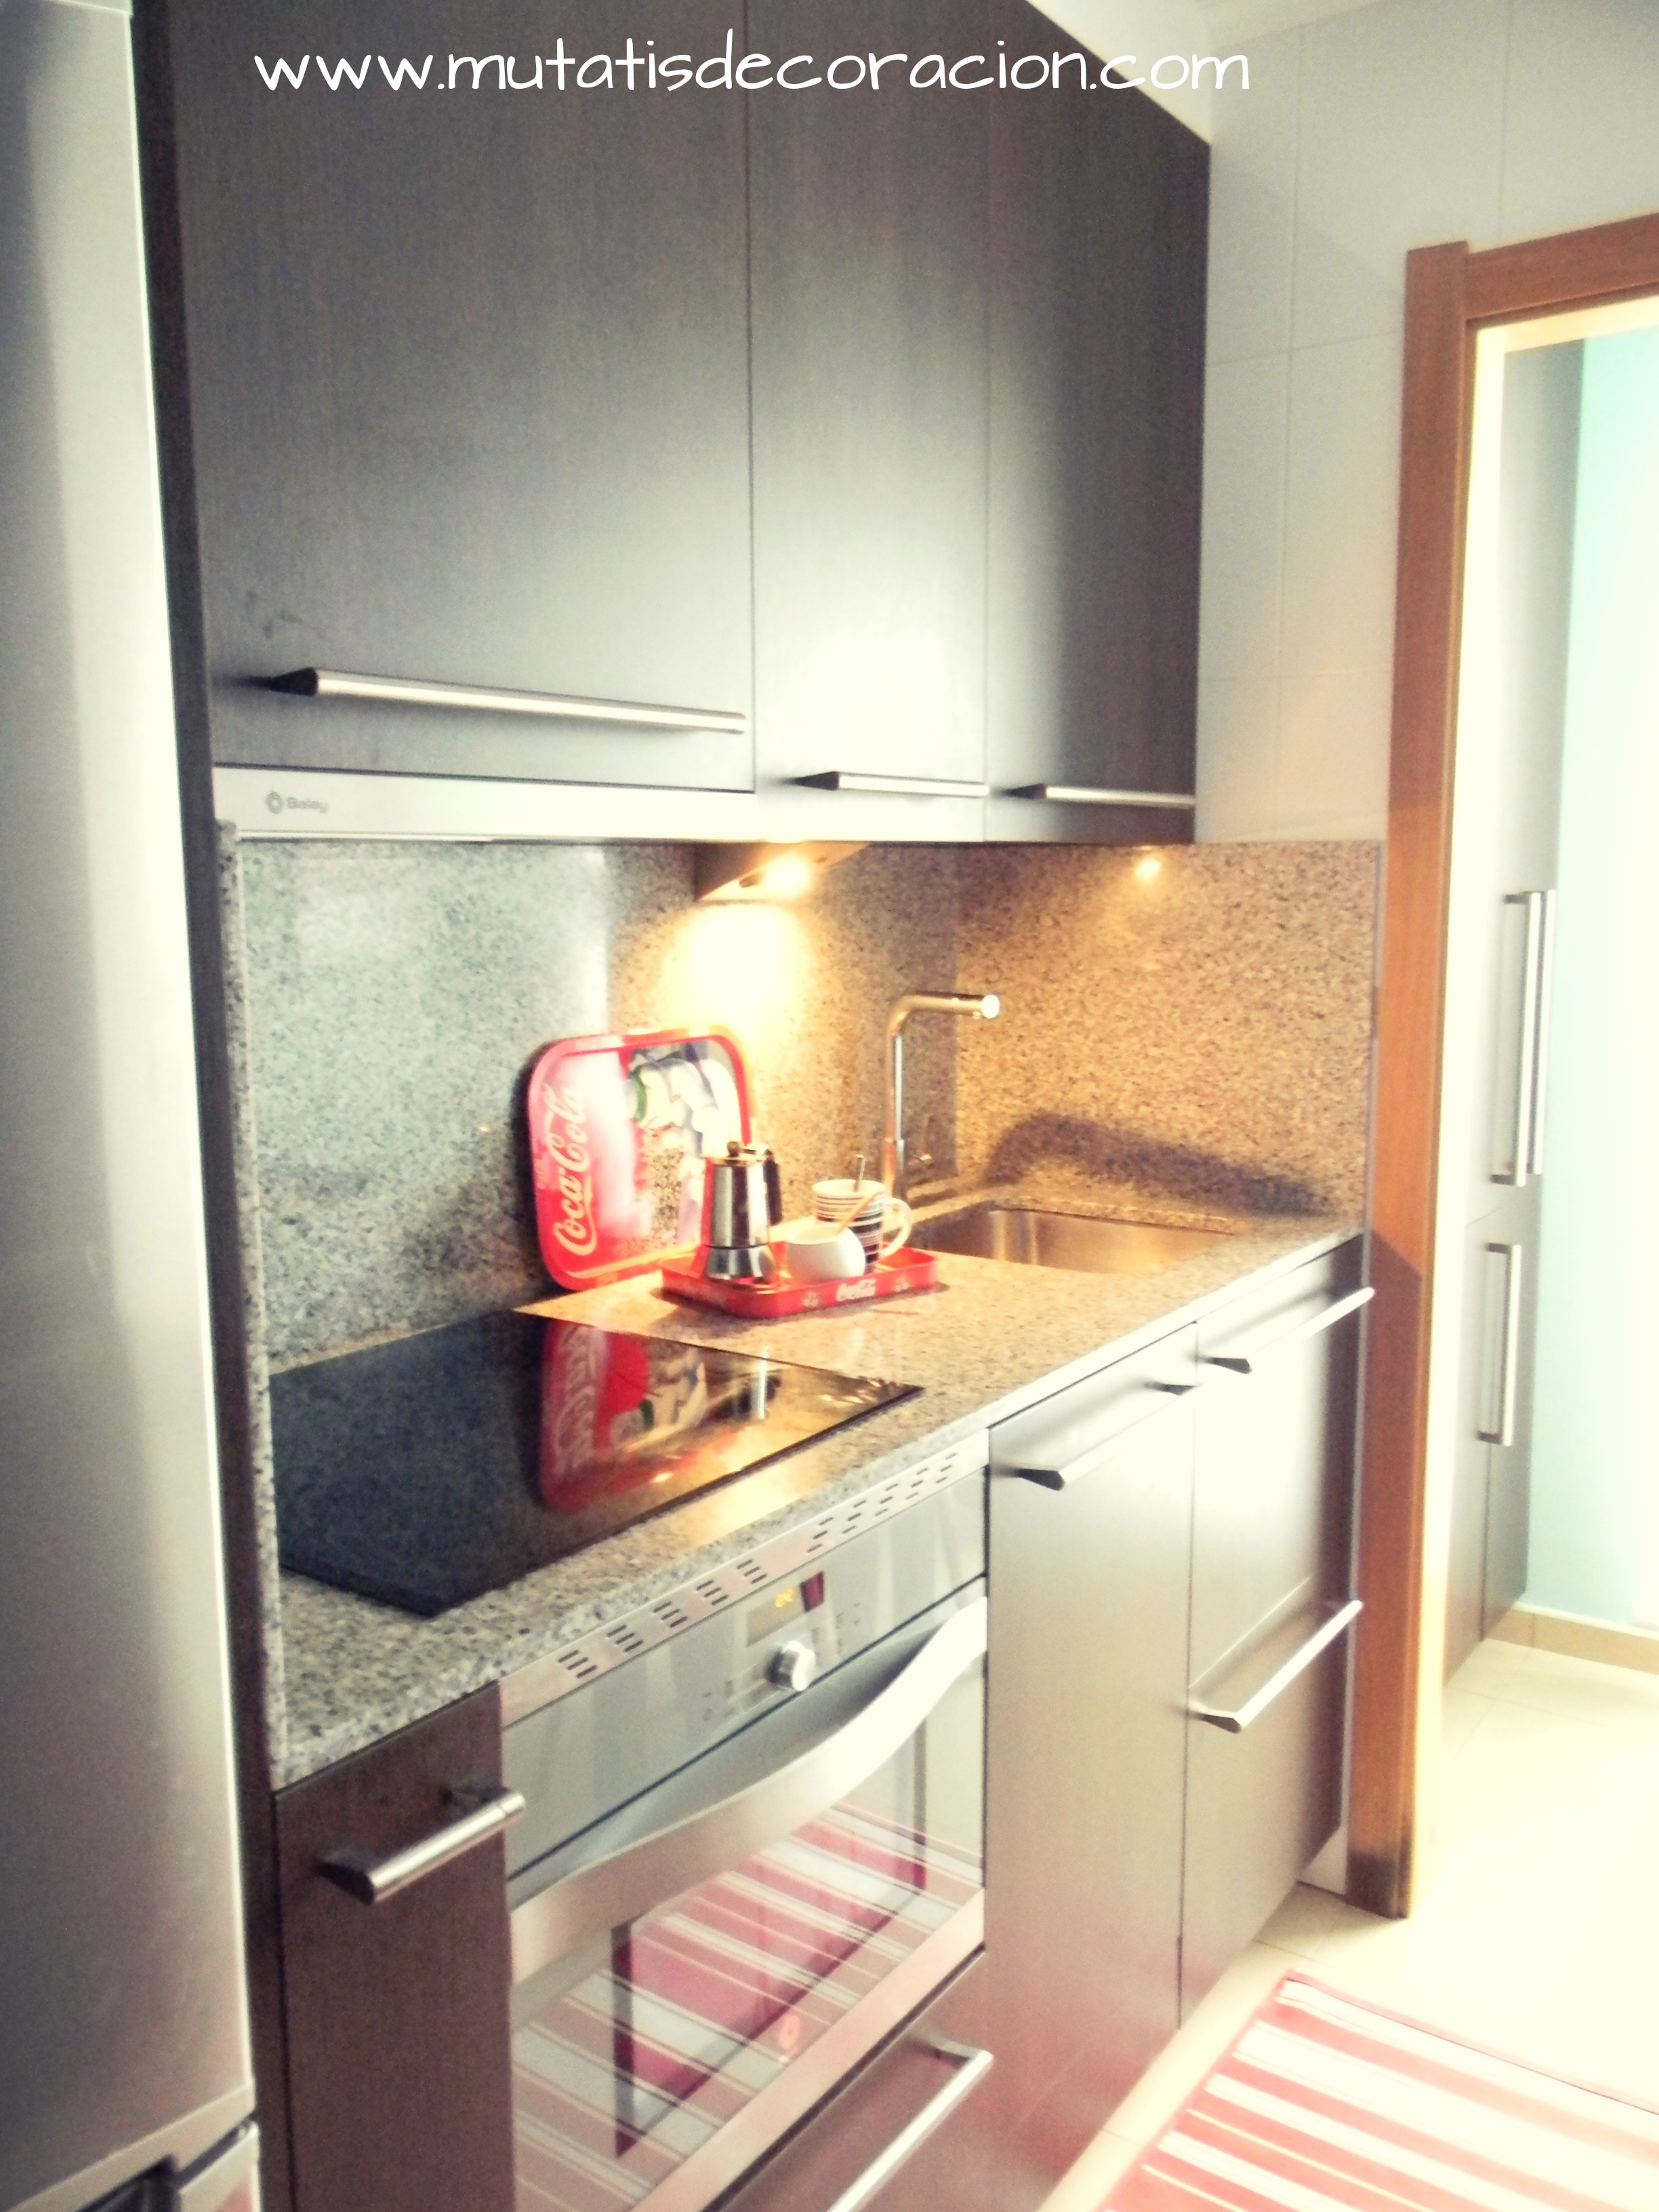 Mini cocina de 8 metros cuadrados for Donde estudiar cocina